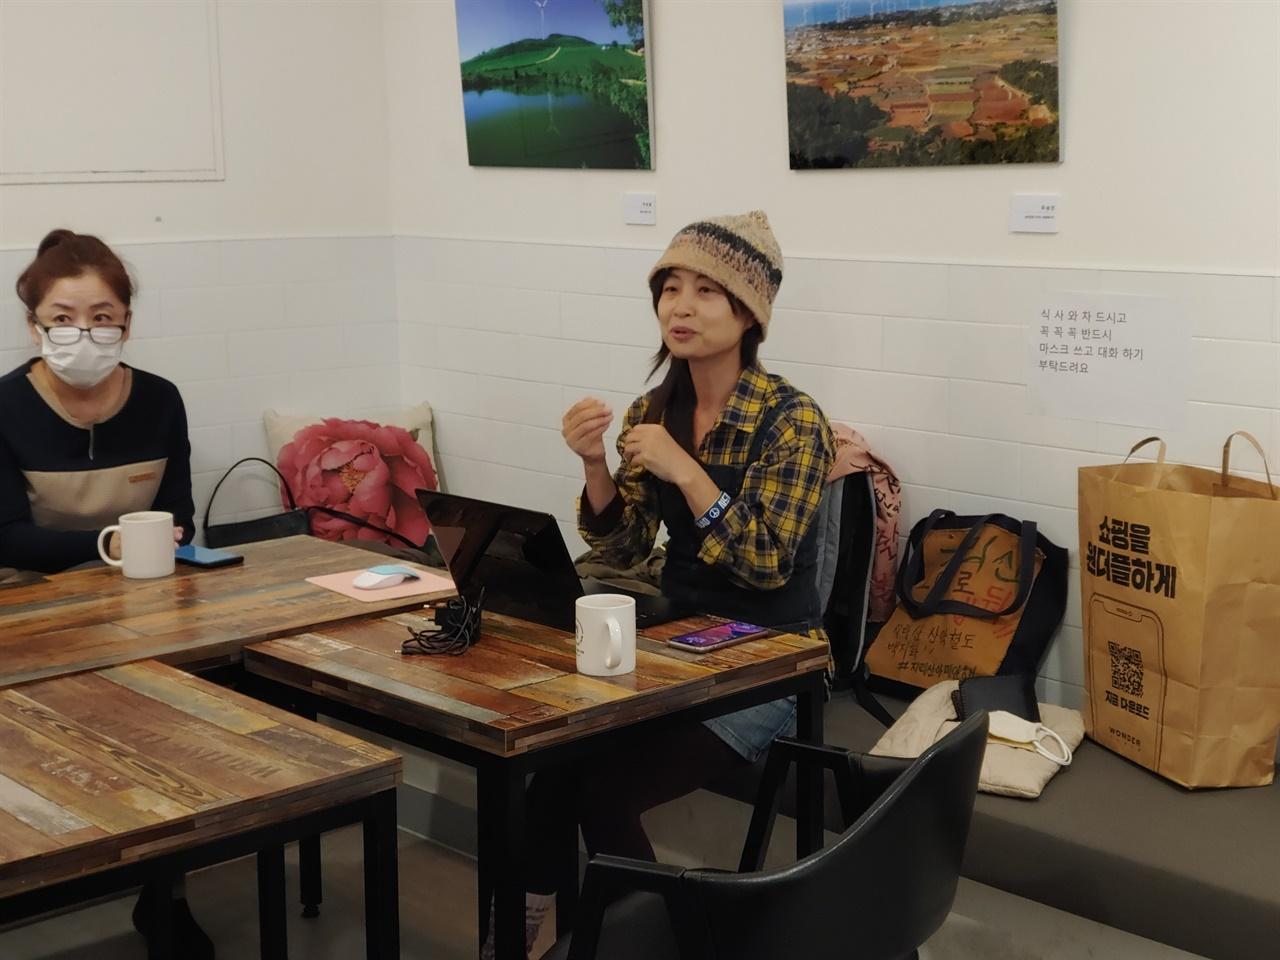 기후위기에 대해 이야기하고 있는 송순옥 활동가의 모습